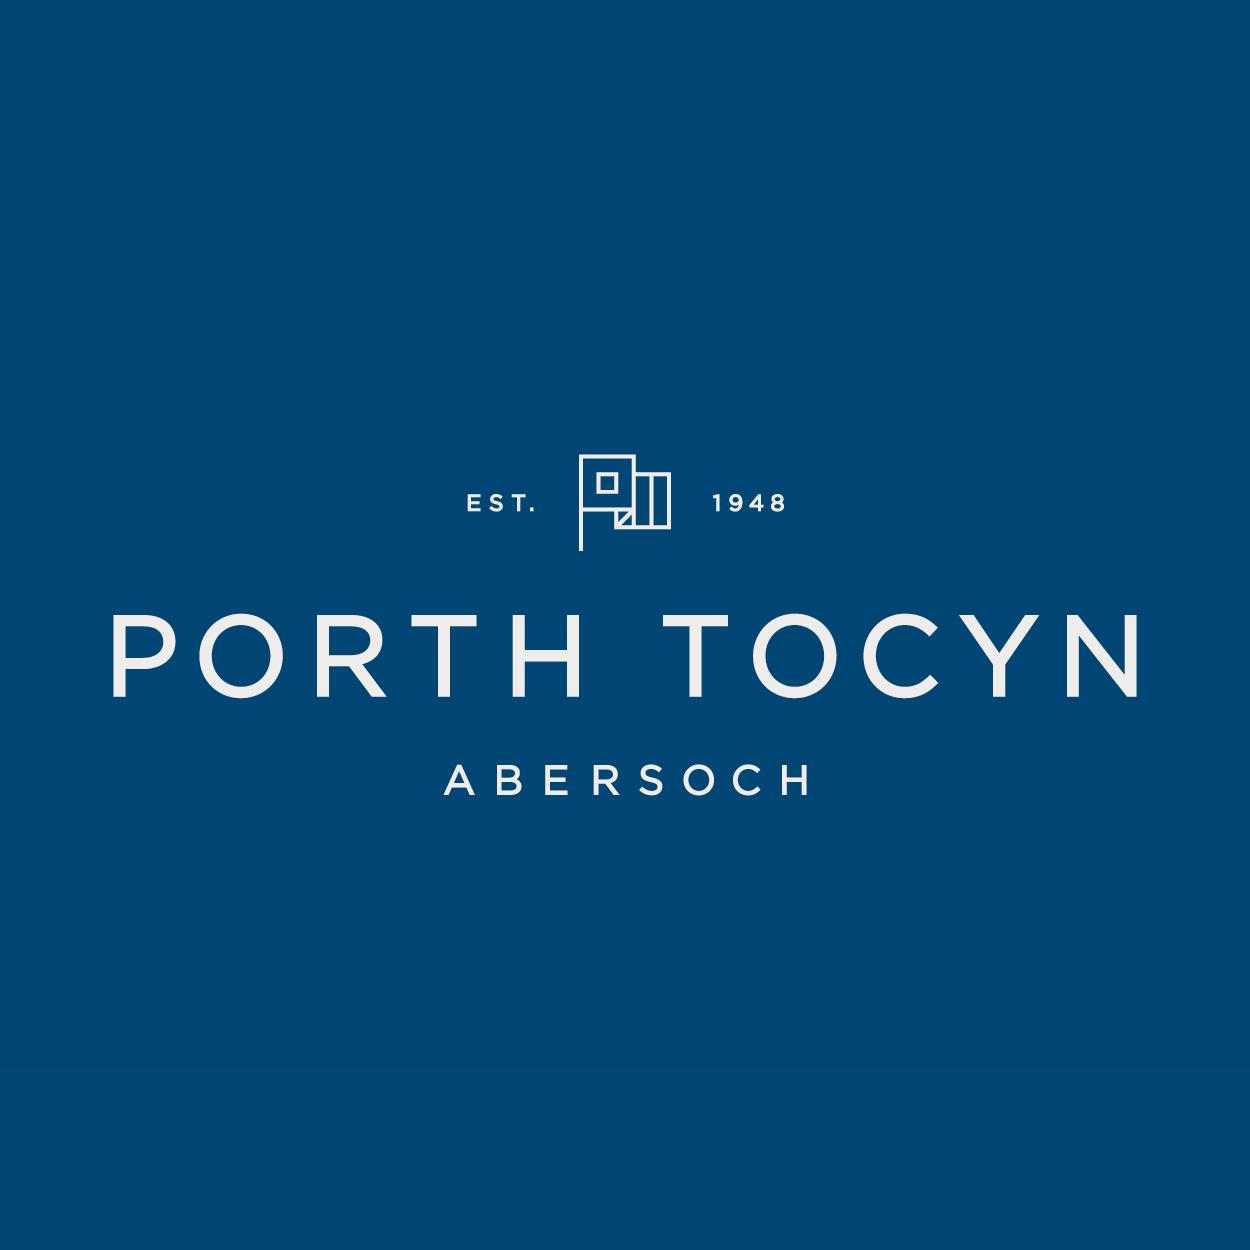 Porth Tocyn Hotel